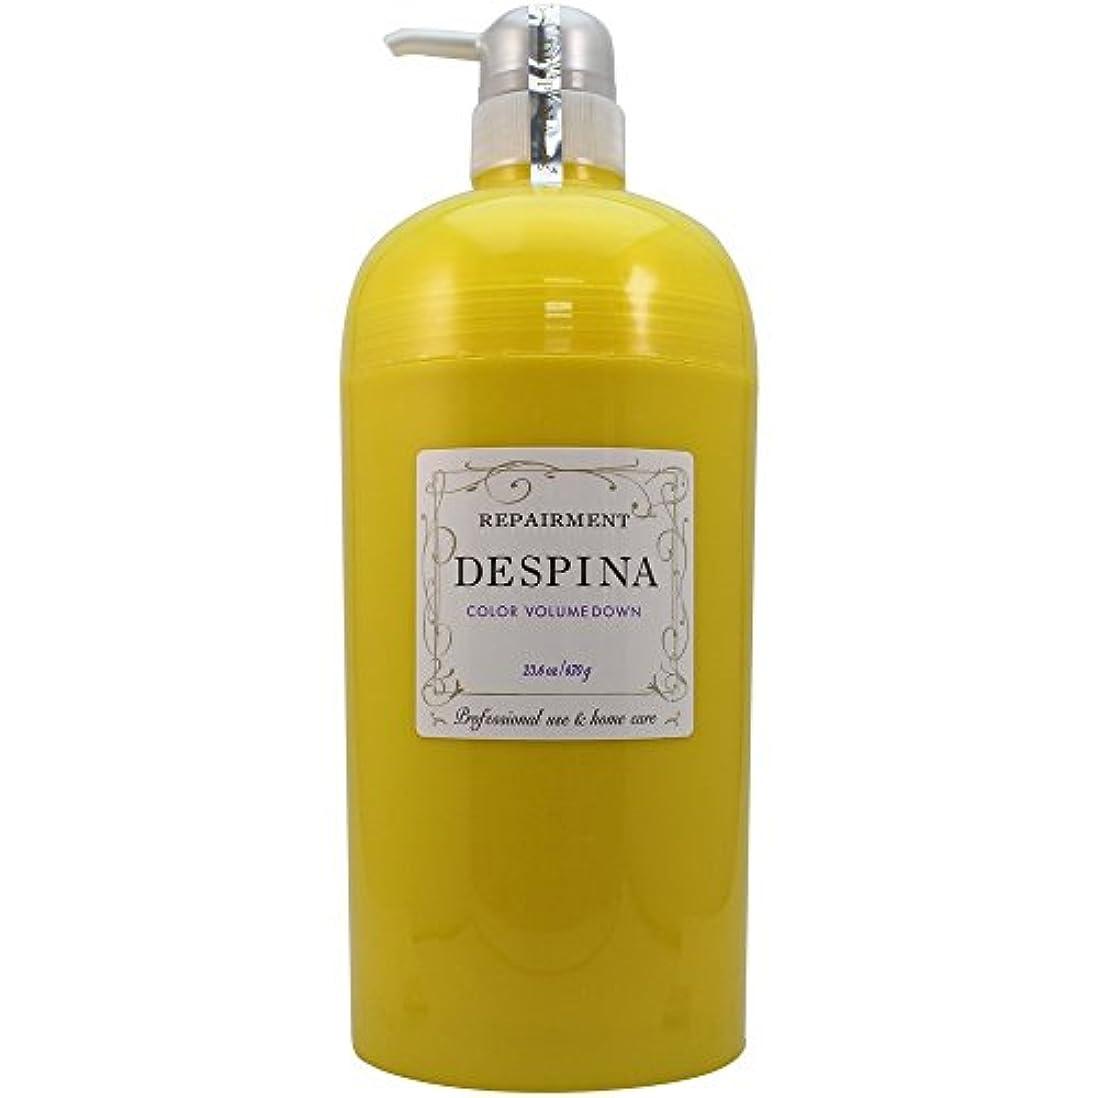 やりすぎアンビエント振動させる中野製薬 デスピナ リペアメント カラー ボリュームダウン 670g